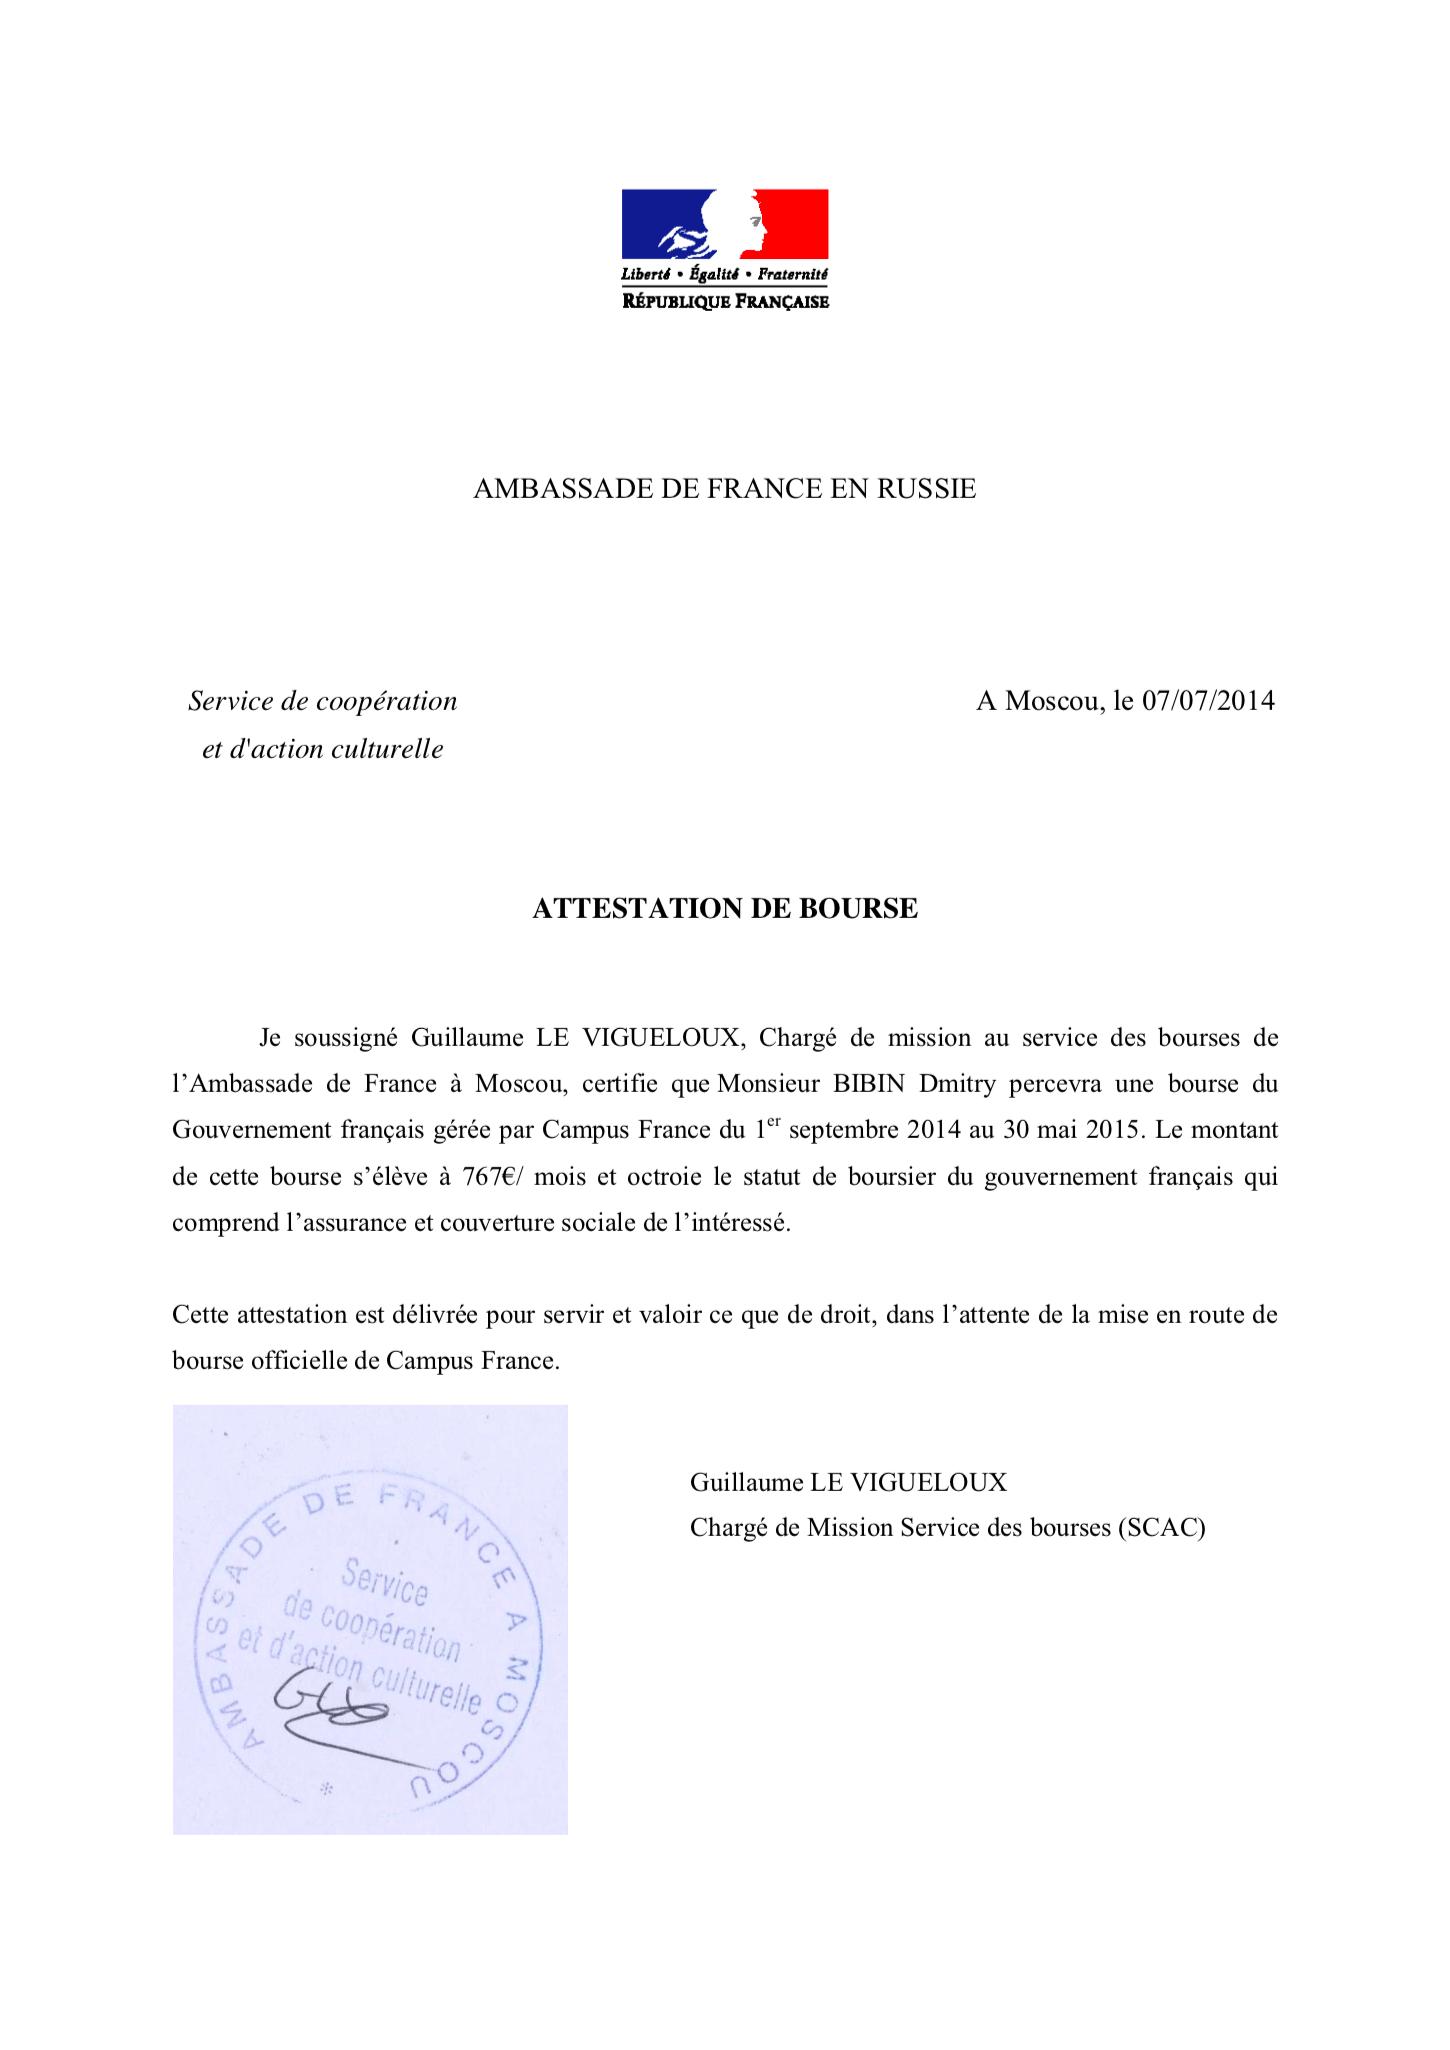 Подтверждение стипендии для визы